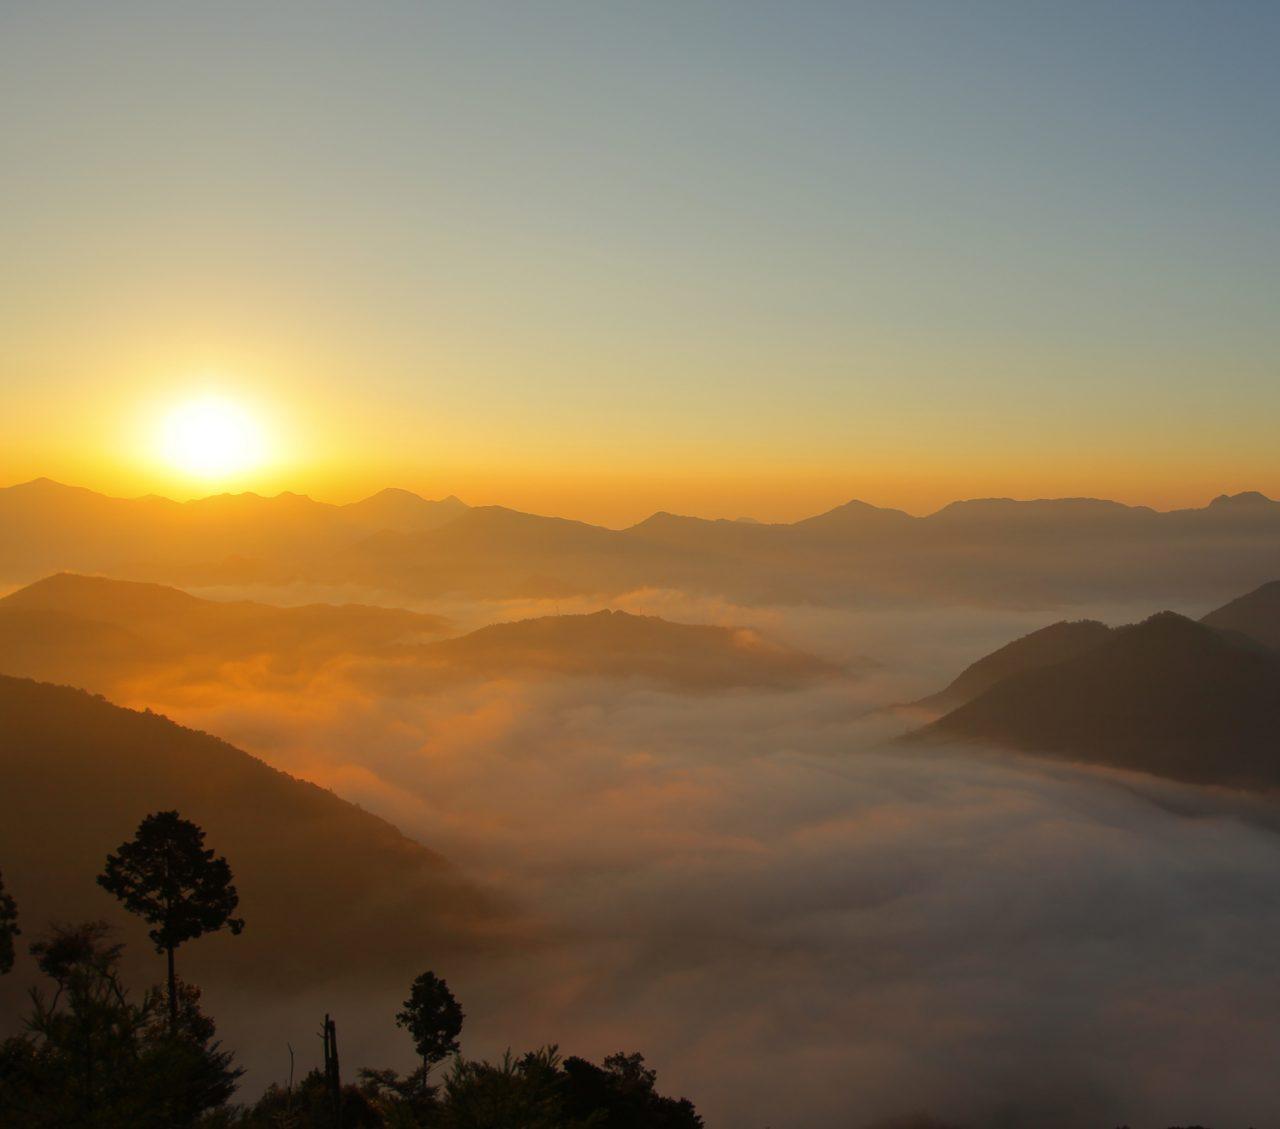 北山村のイメージ雲海